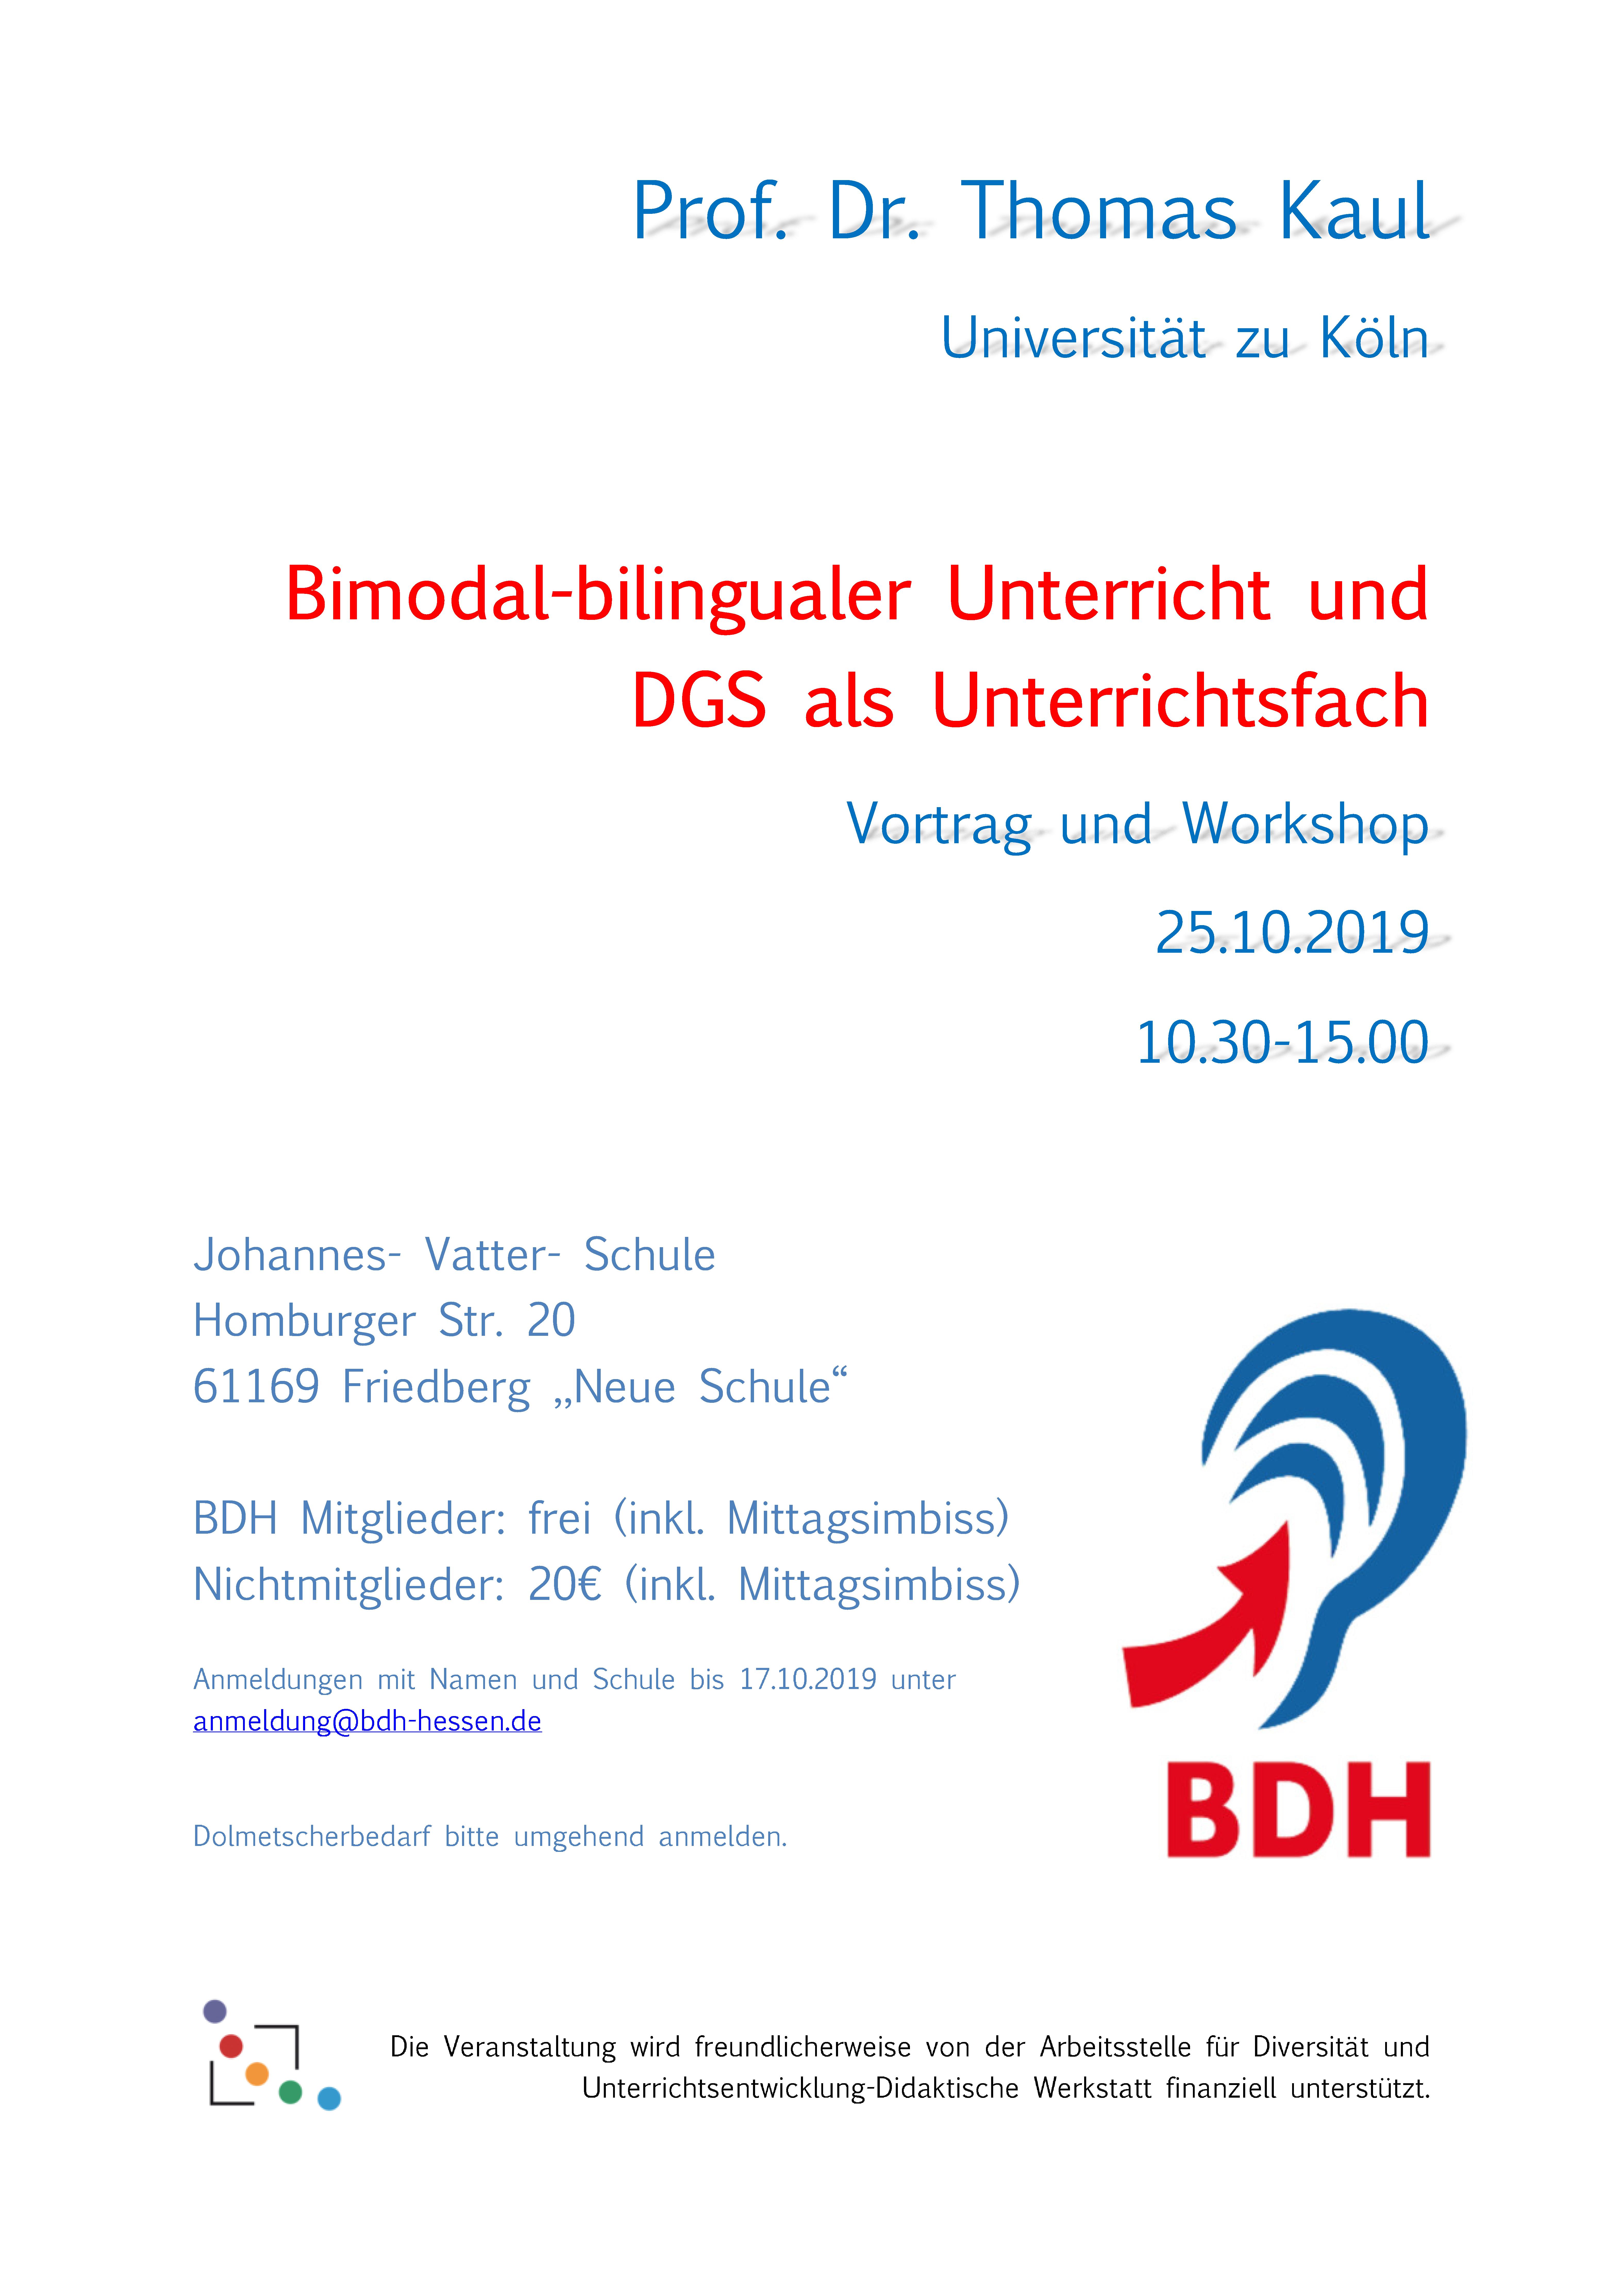 Einladung zu Vortrag und Workshop mit Prof. Dr. Thomas Kaul: Bimodal-bilingualer Unterricht und DGS als Unterrichtsfach